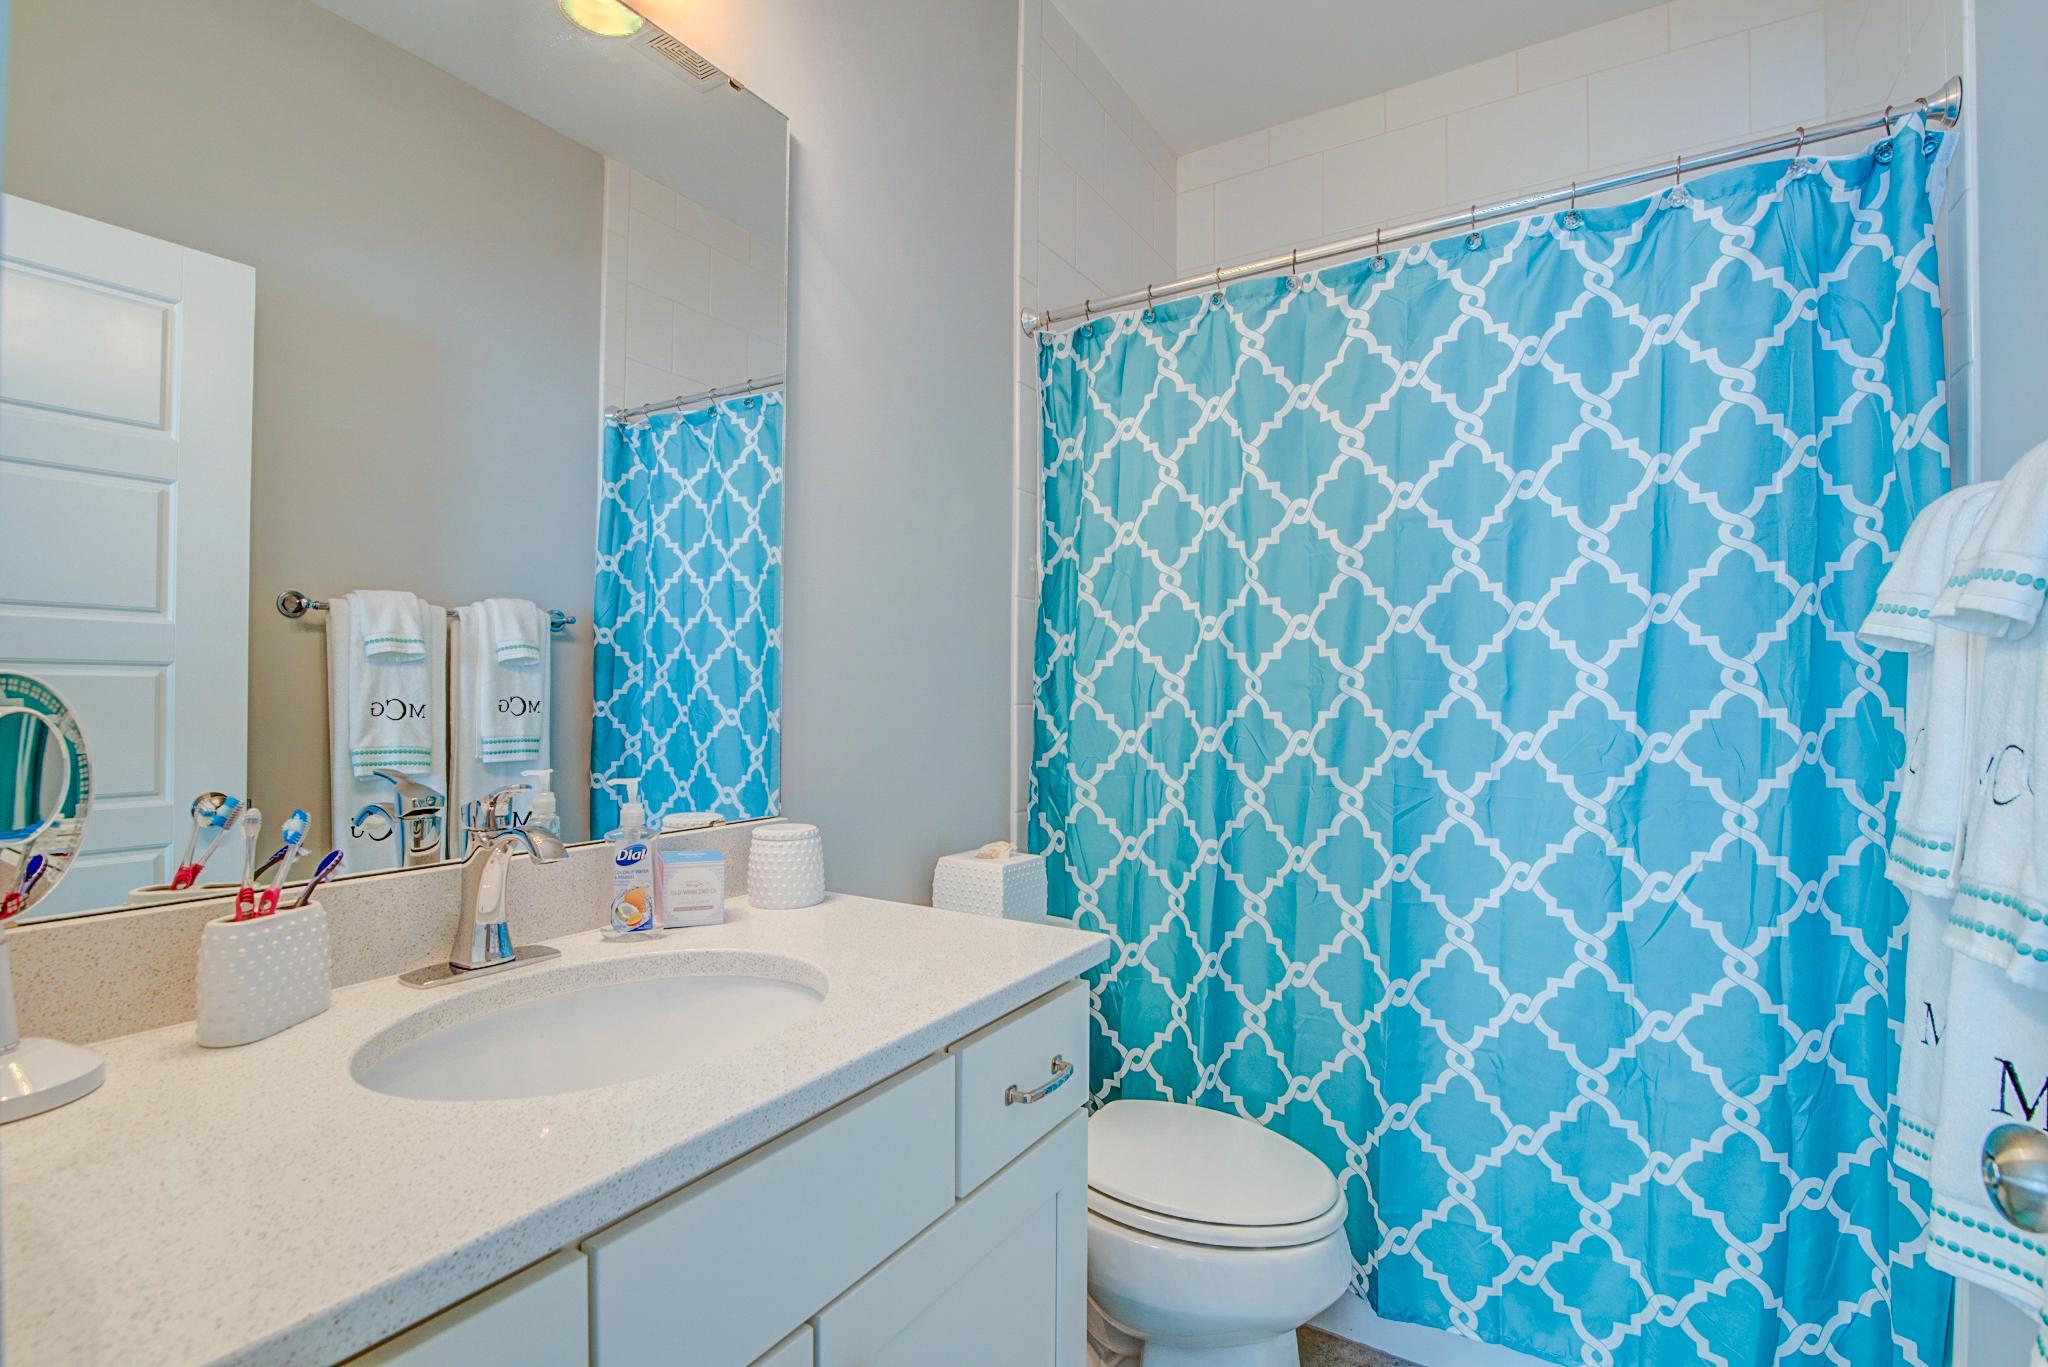 Dunes West Homes For Sale - 2883 River Vista, Mount Pleasant, SC - 15